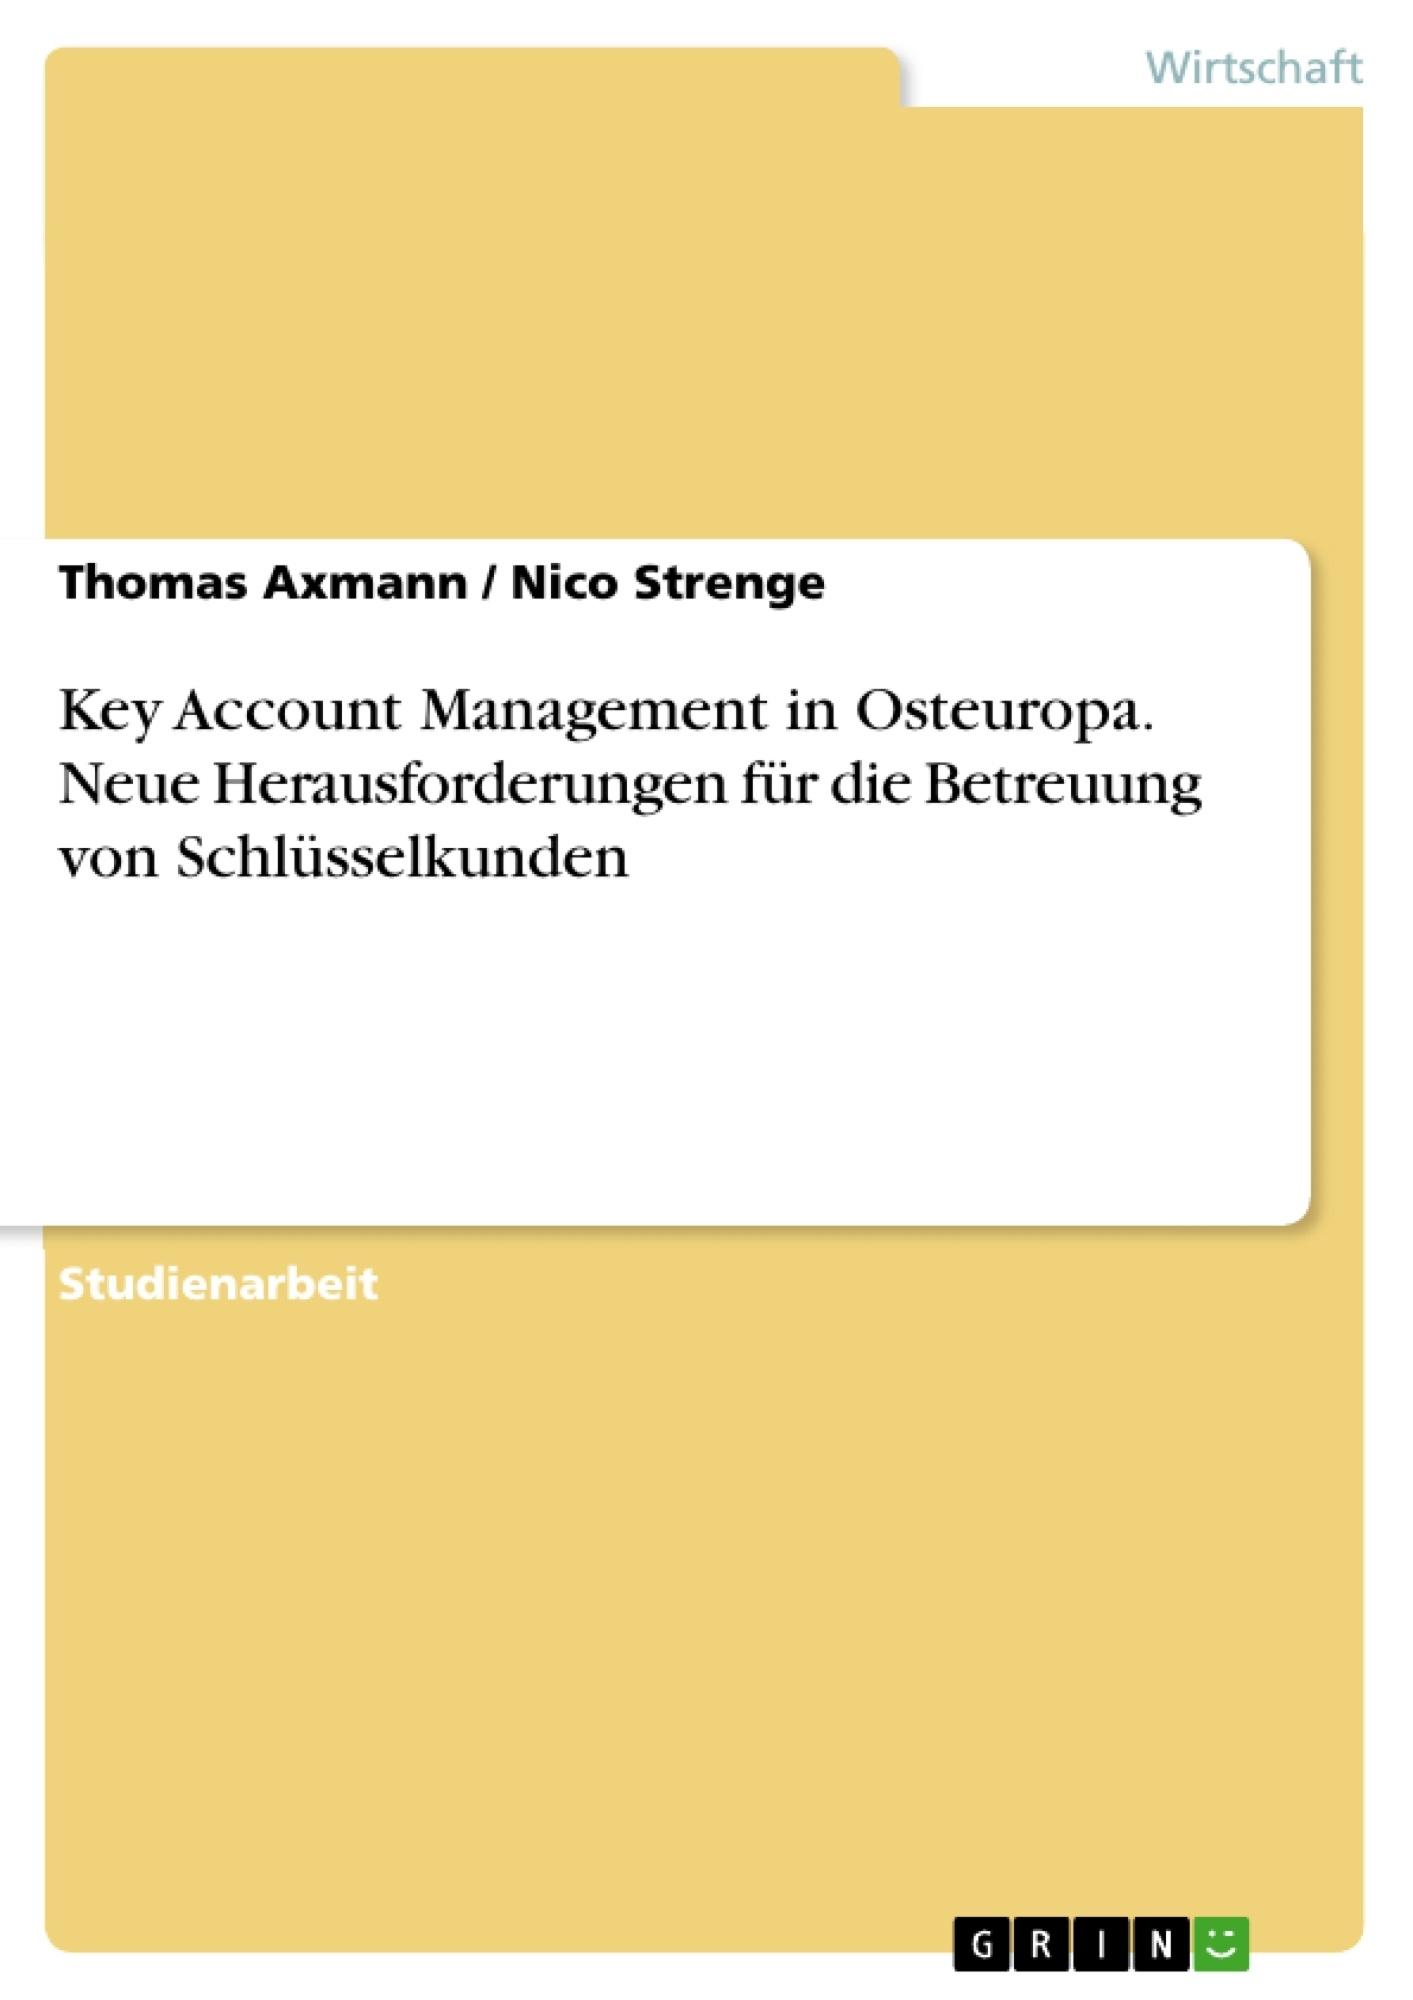 Titel: Key Account Management in Osteuropa. Neue Herausforderungen für die Betreuung von Schlüsselkunden